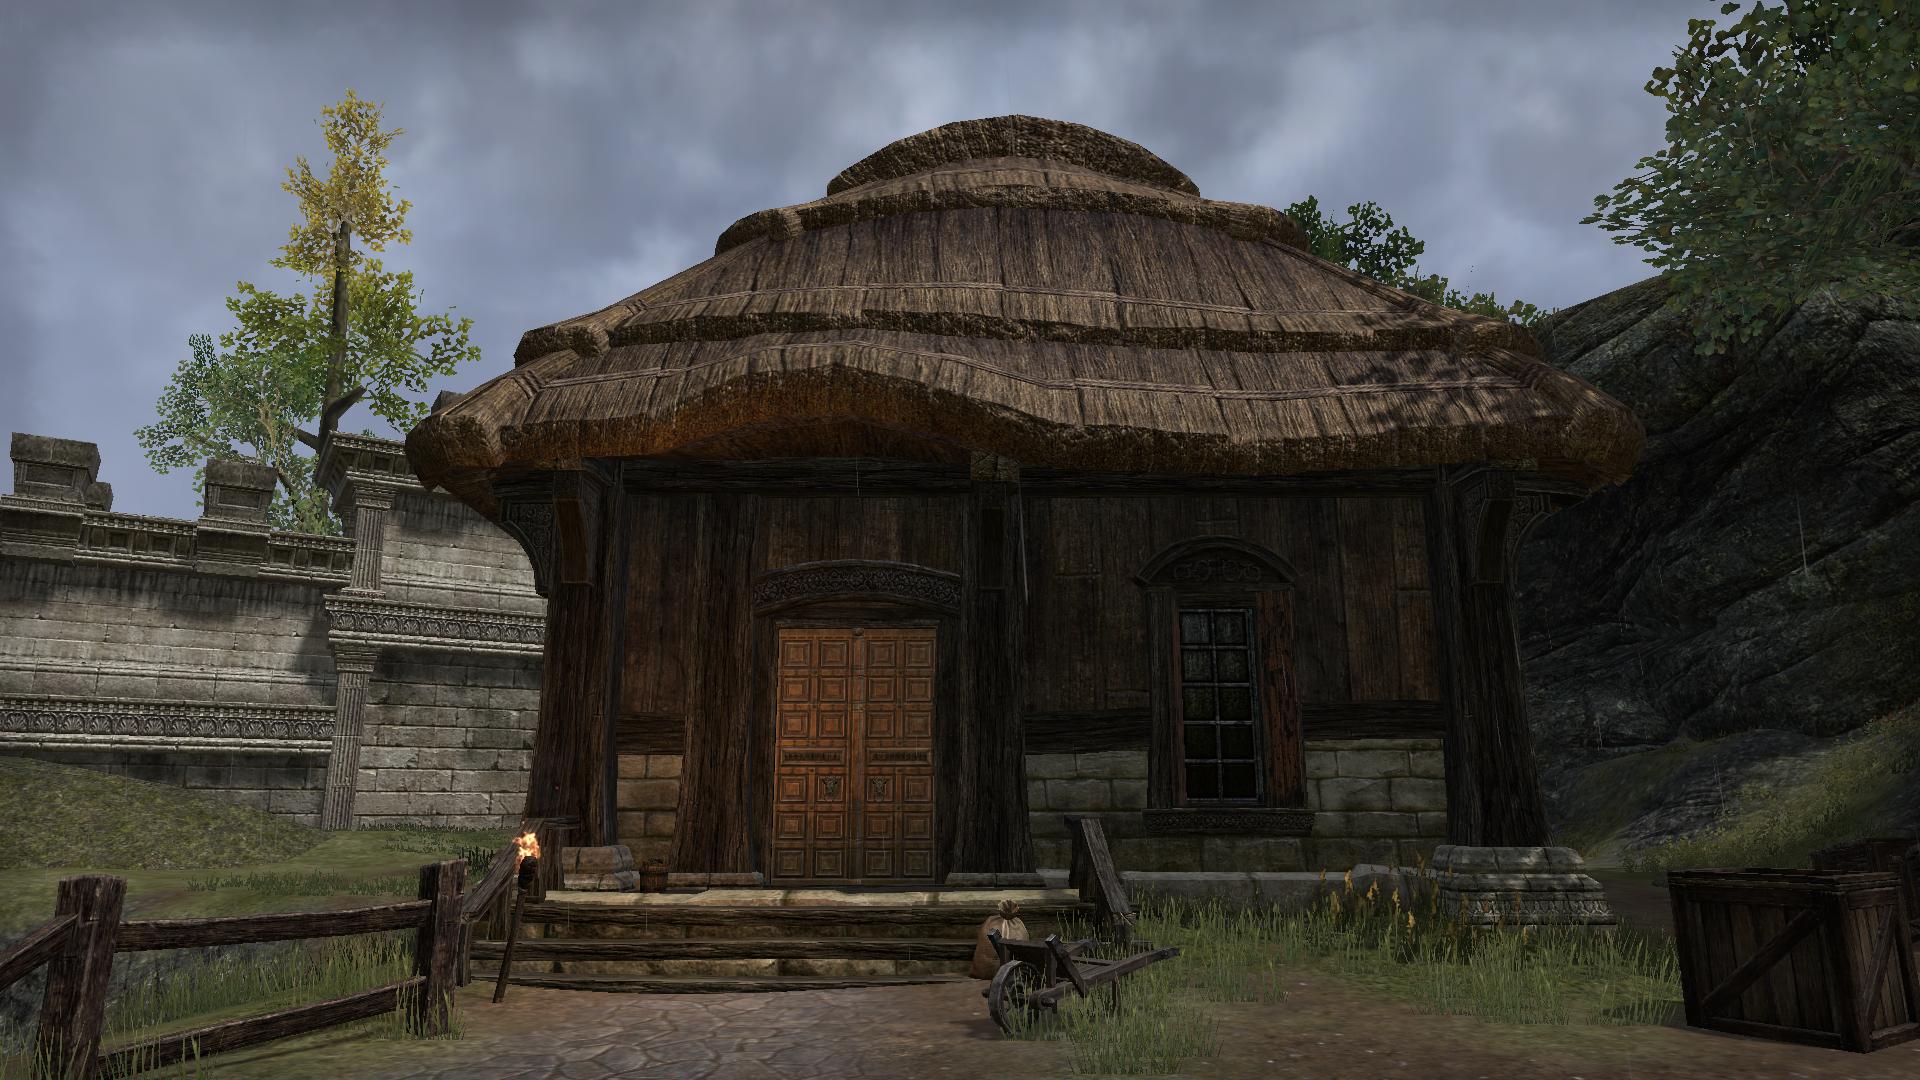 Angranel's House